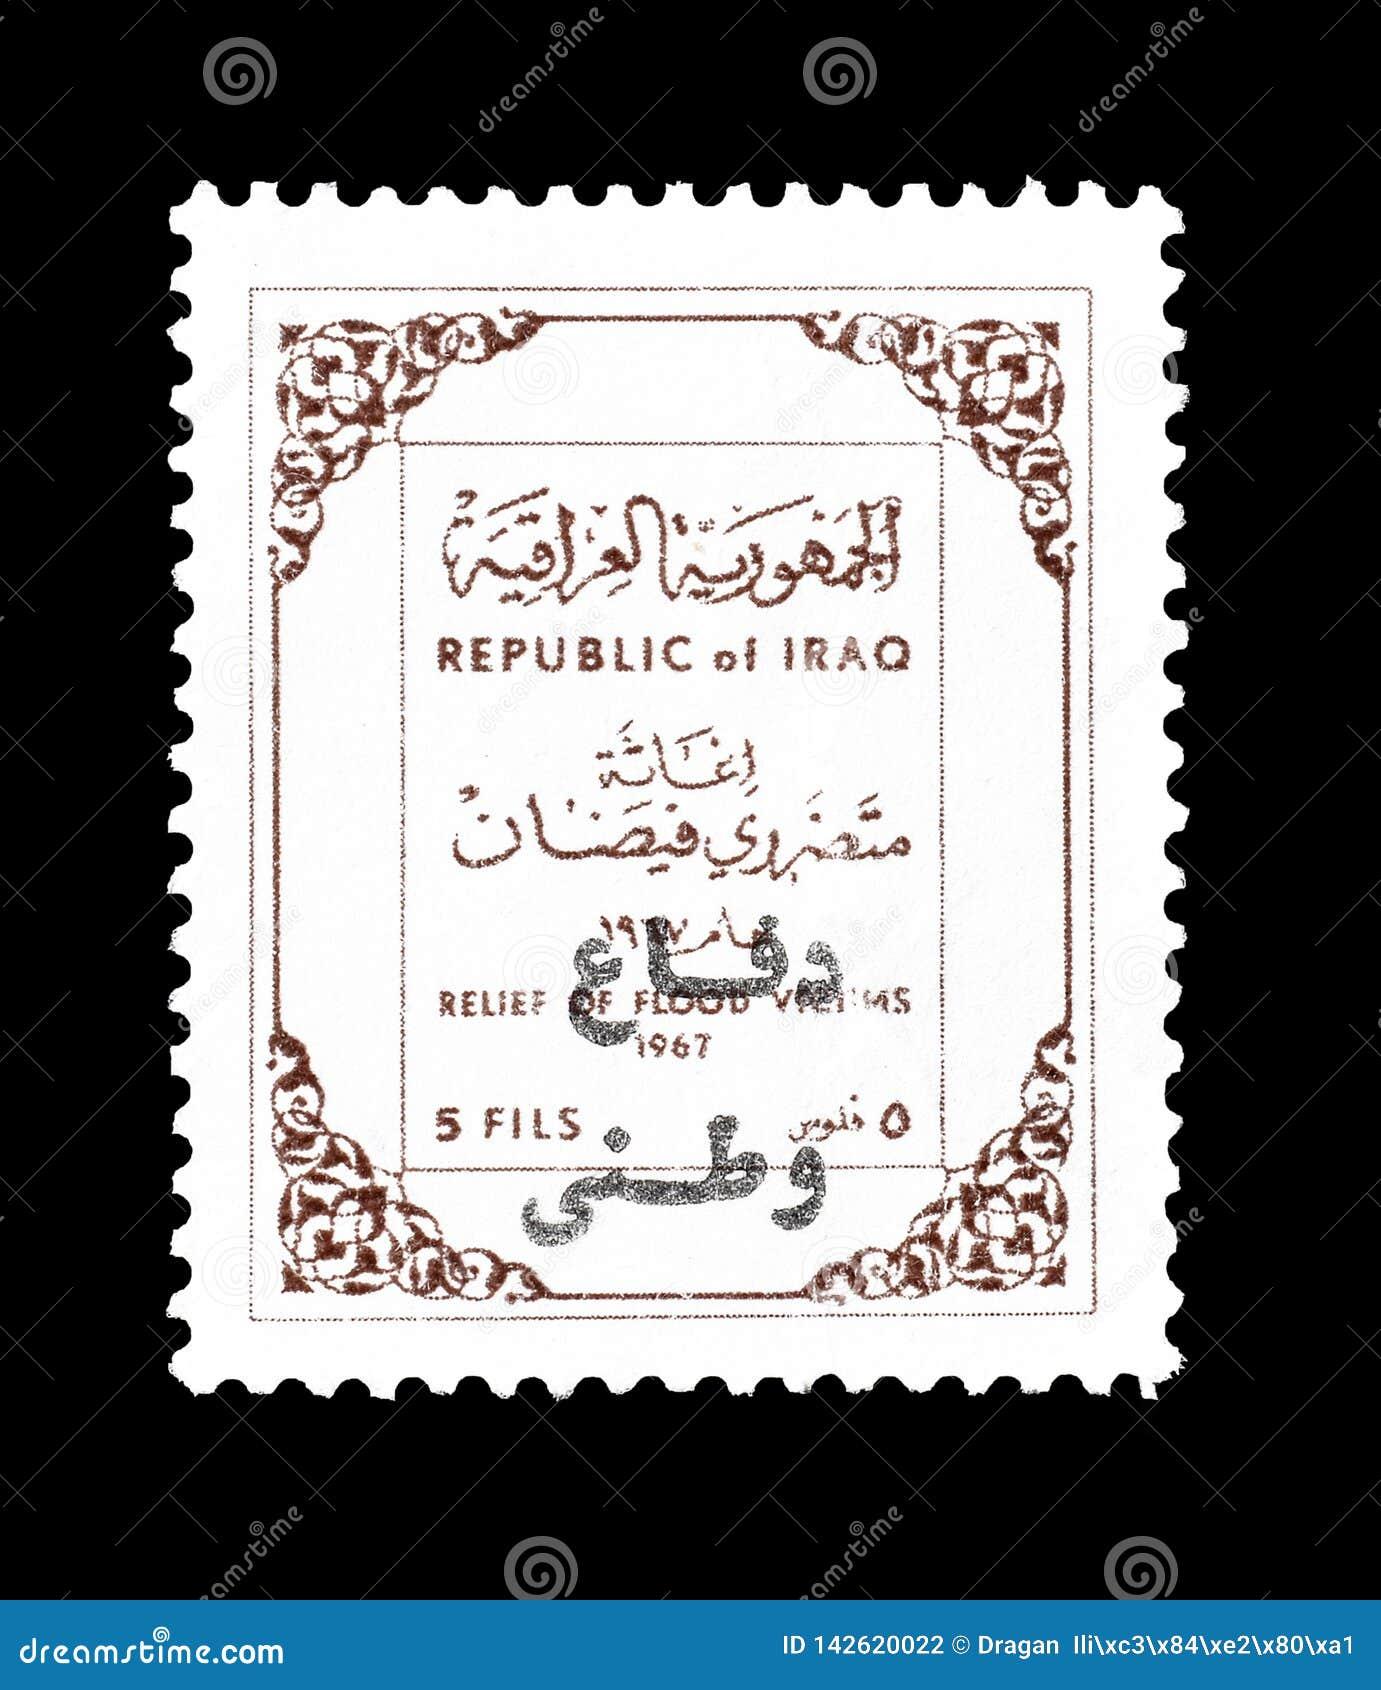 Znaczek pocztowy drukujący Irak